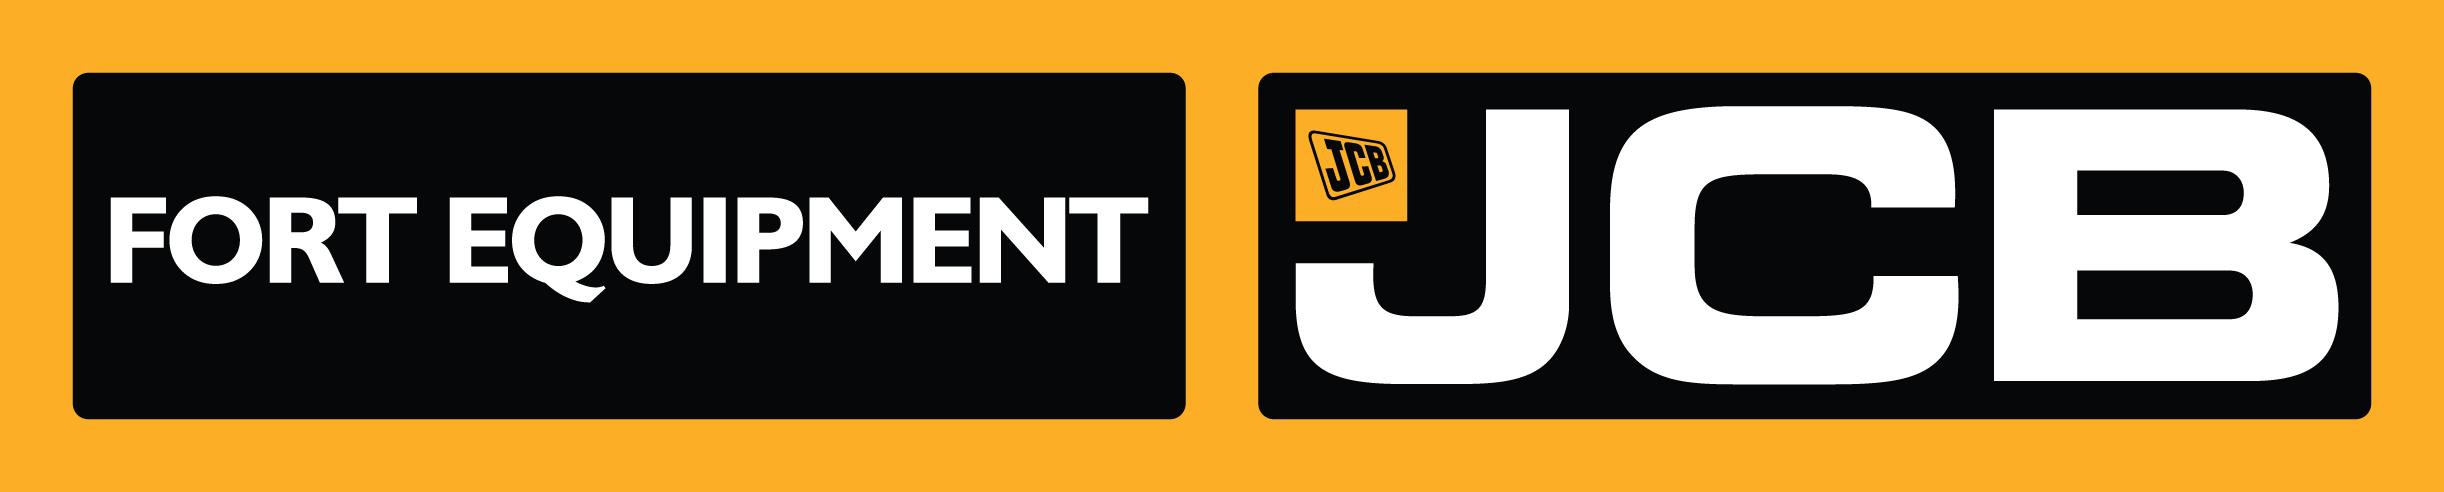 Fort Equipment JCB company logo